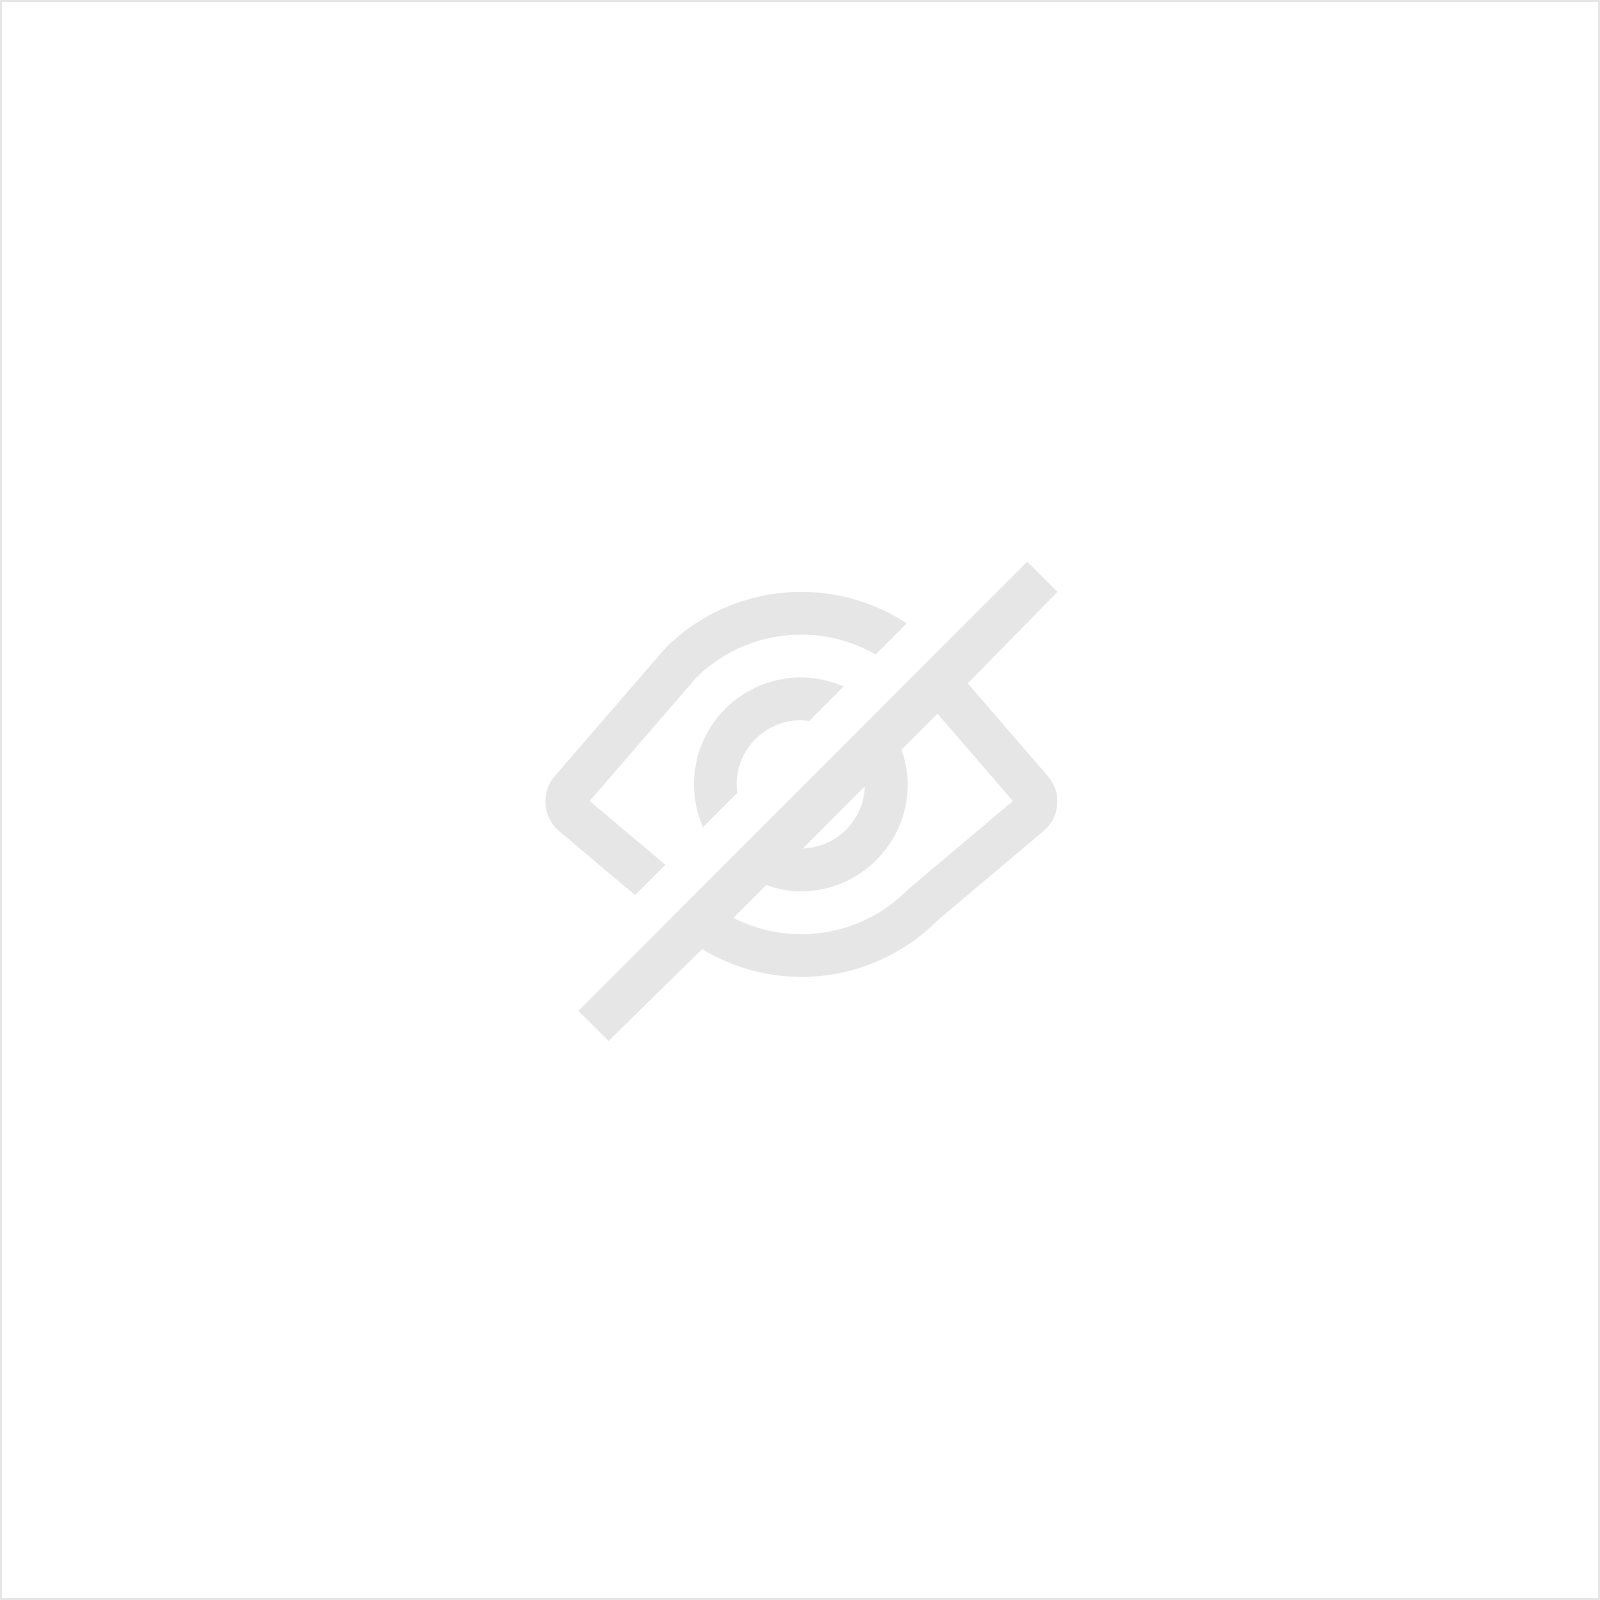 OPTIONEEL FLAT BEAD ROLL SET 3/16 VOOR BOORD EN LIJSTMACHINE